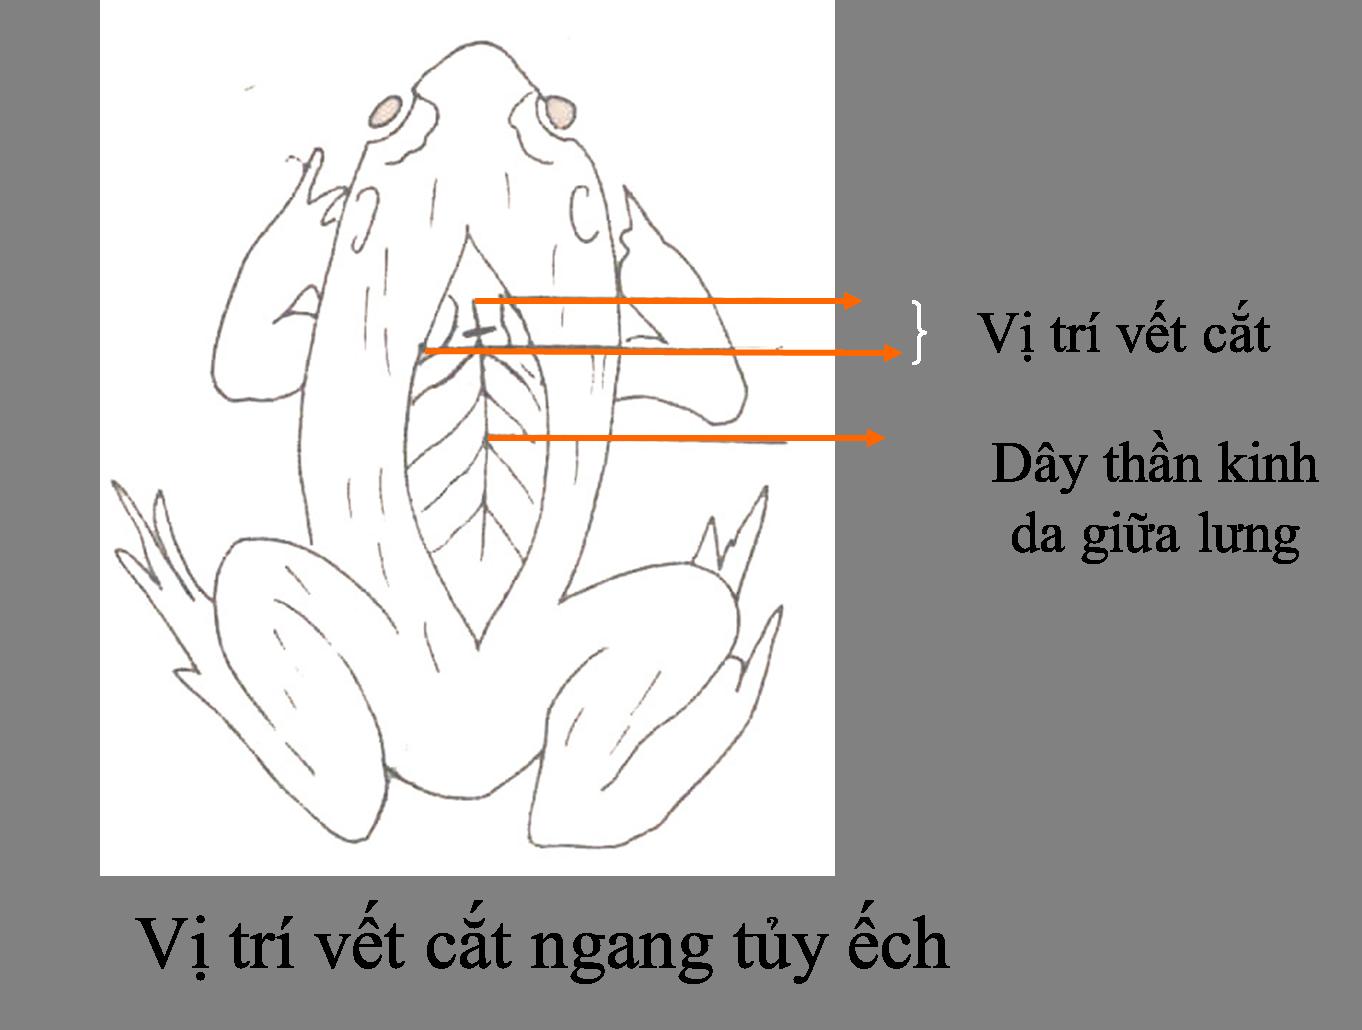 Cắt ngang tủy ếch